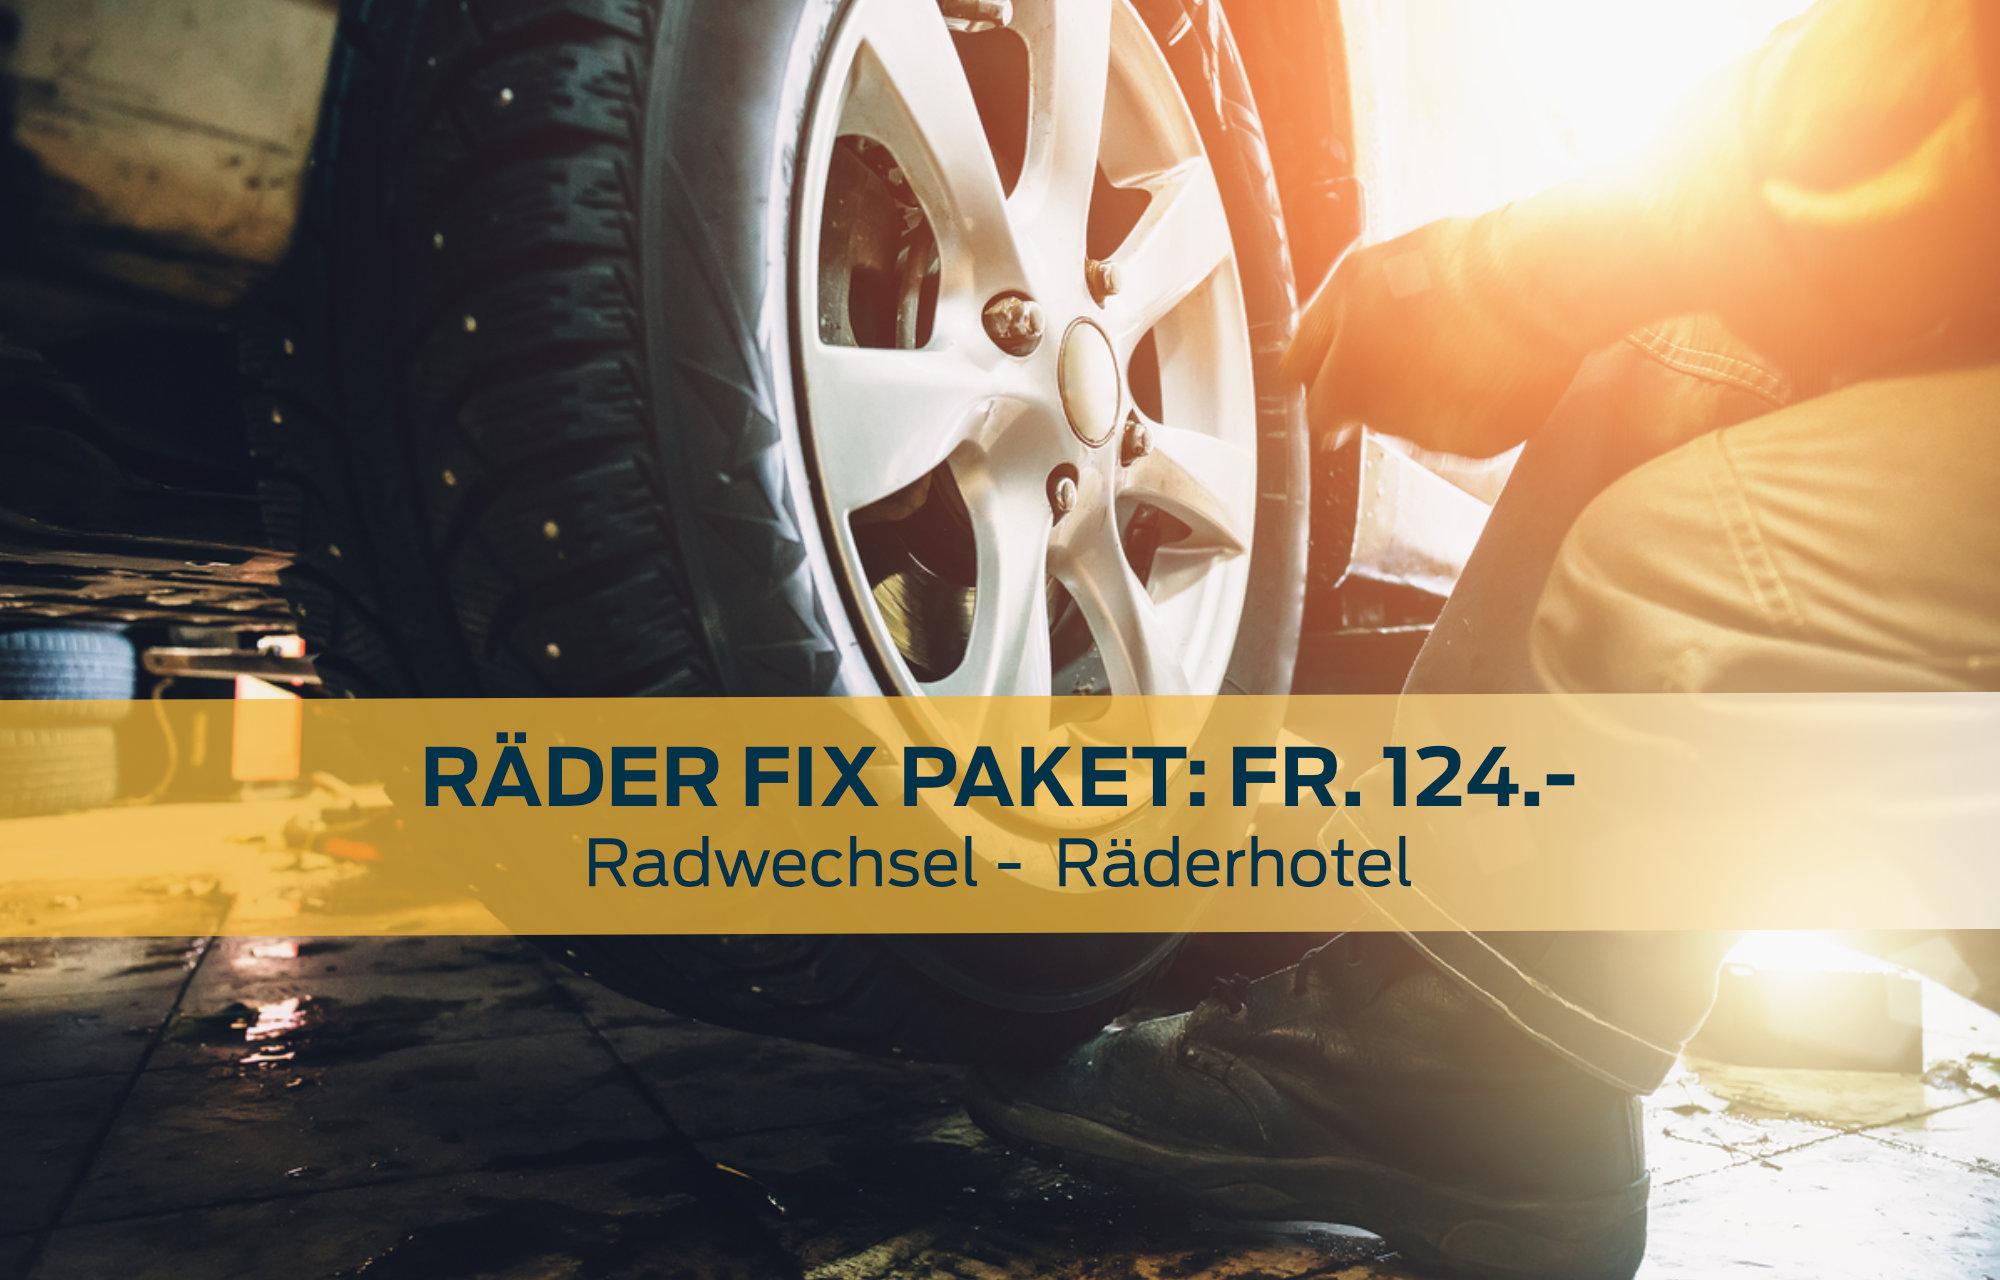 Räder Fix Paket